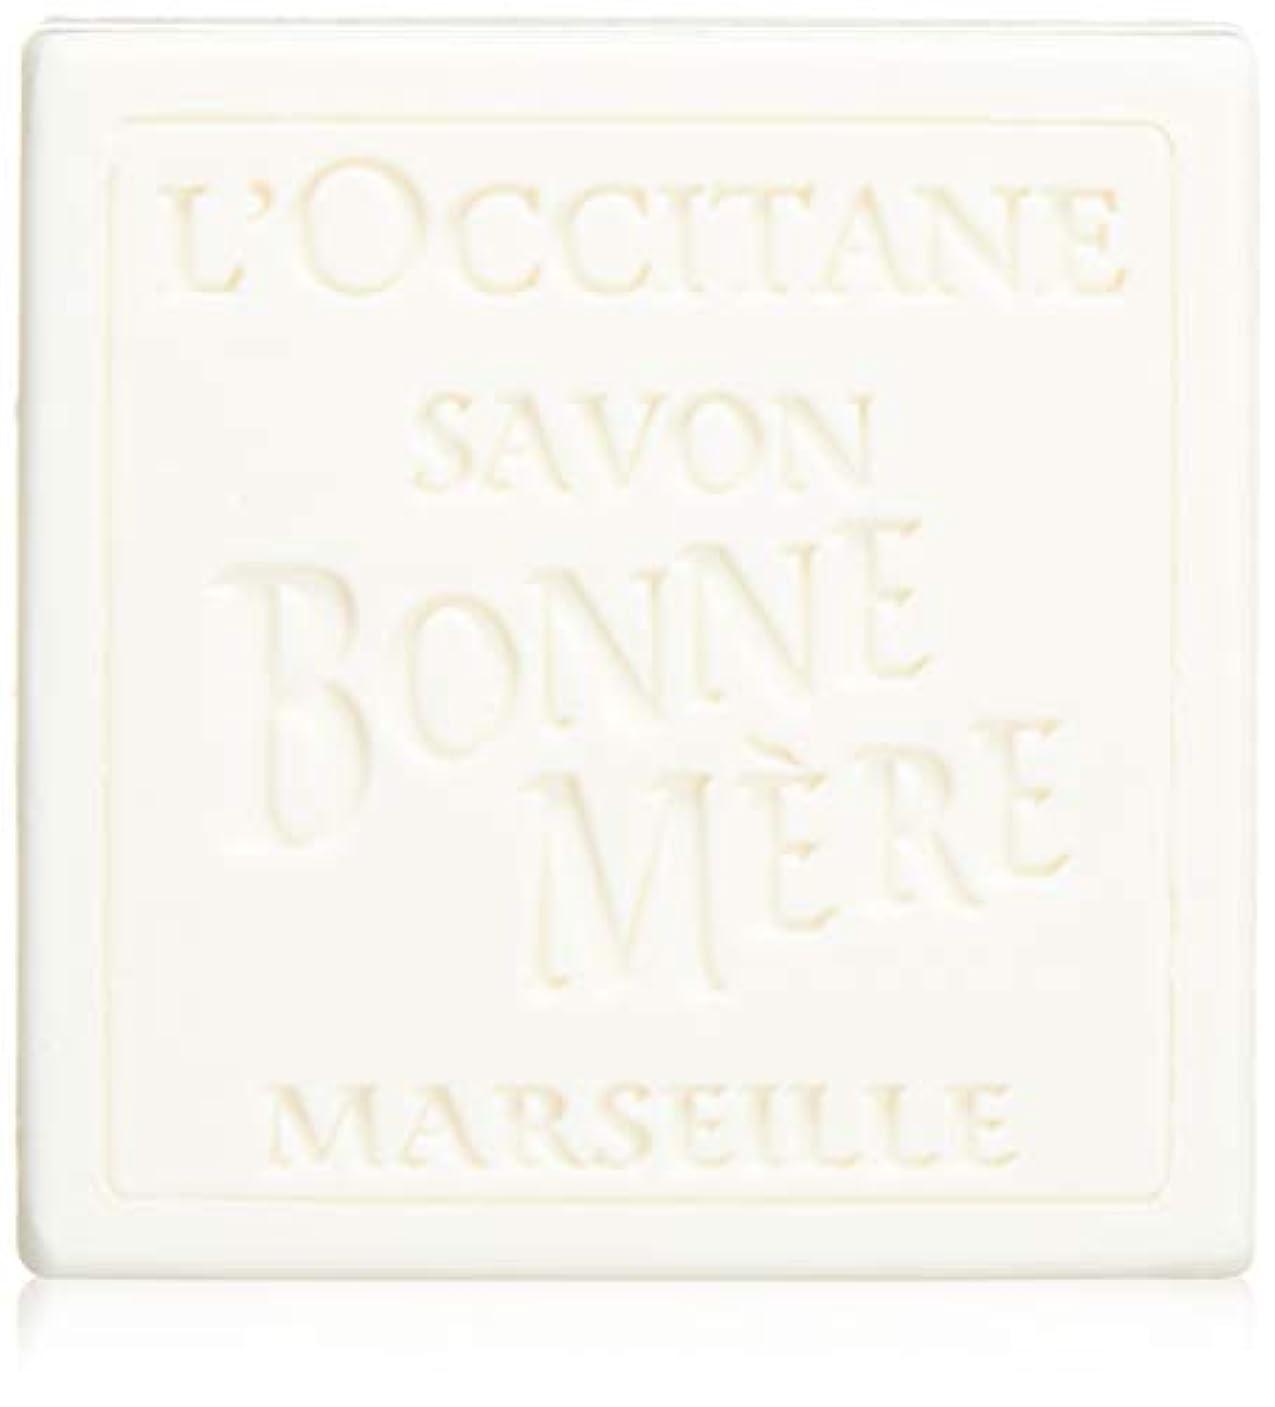 眠っているキリスト教祭司ロクシタン(L'OCCITANE) ボンメールソープ ミルク 100g